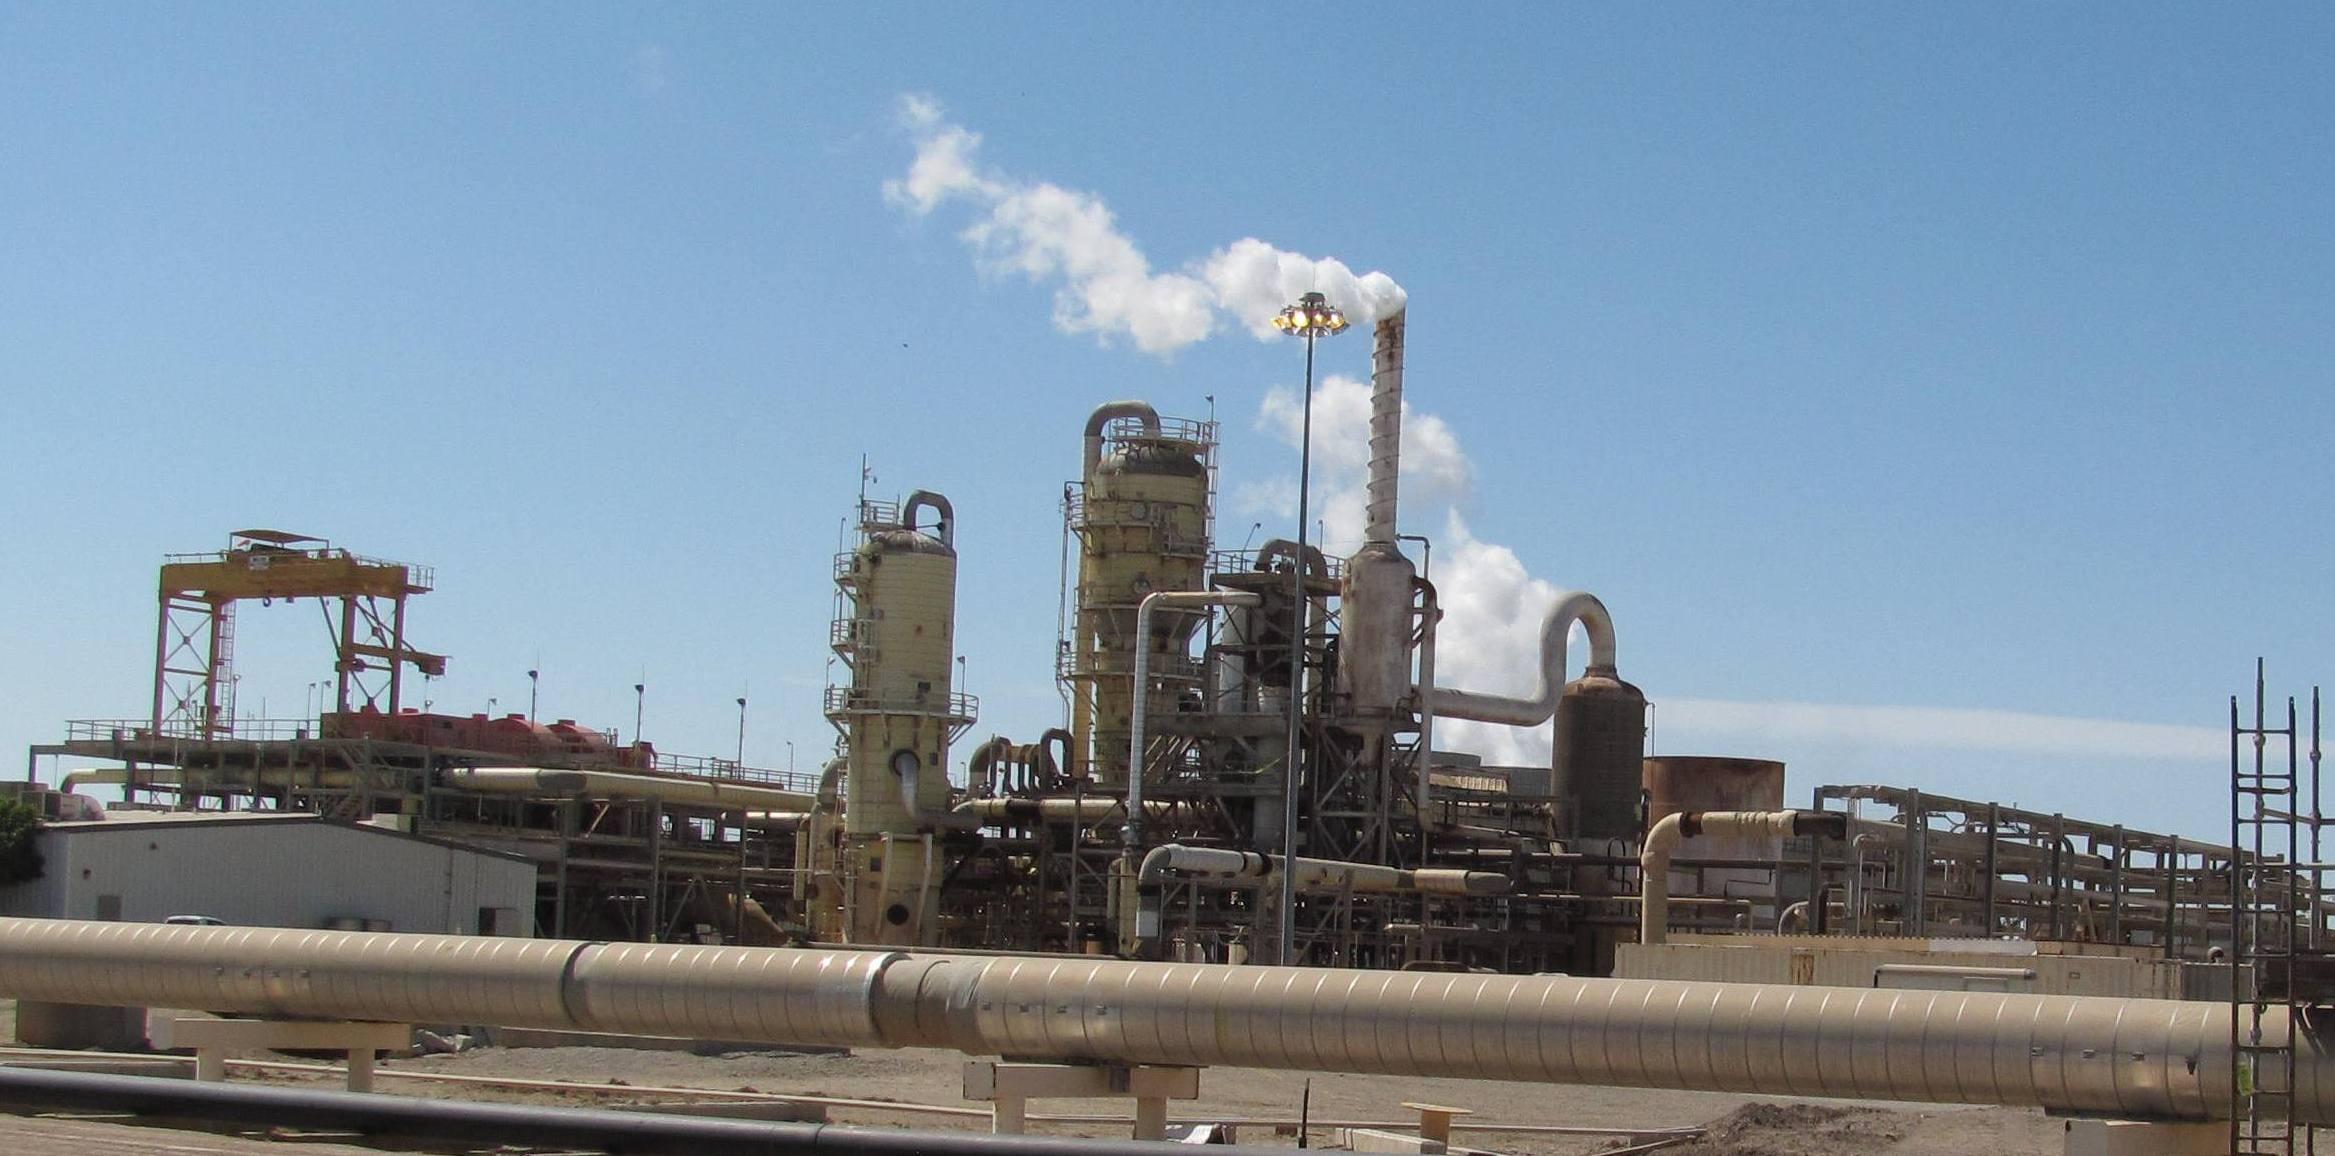 Cal_Energy_Geothermal_Plant2.jpg